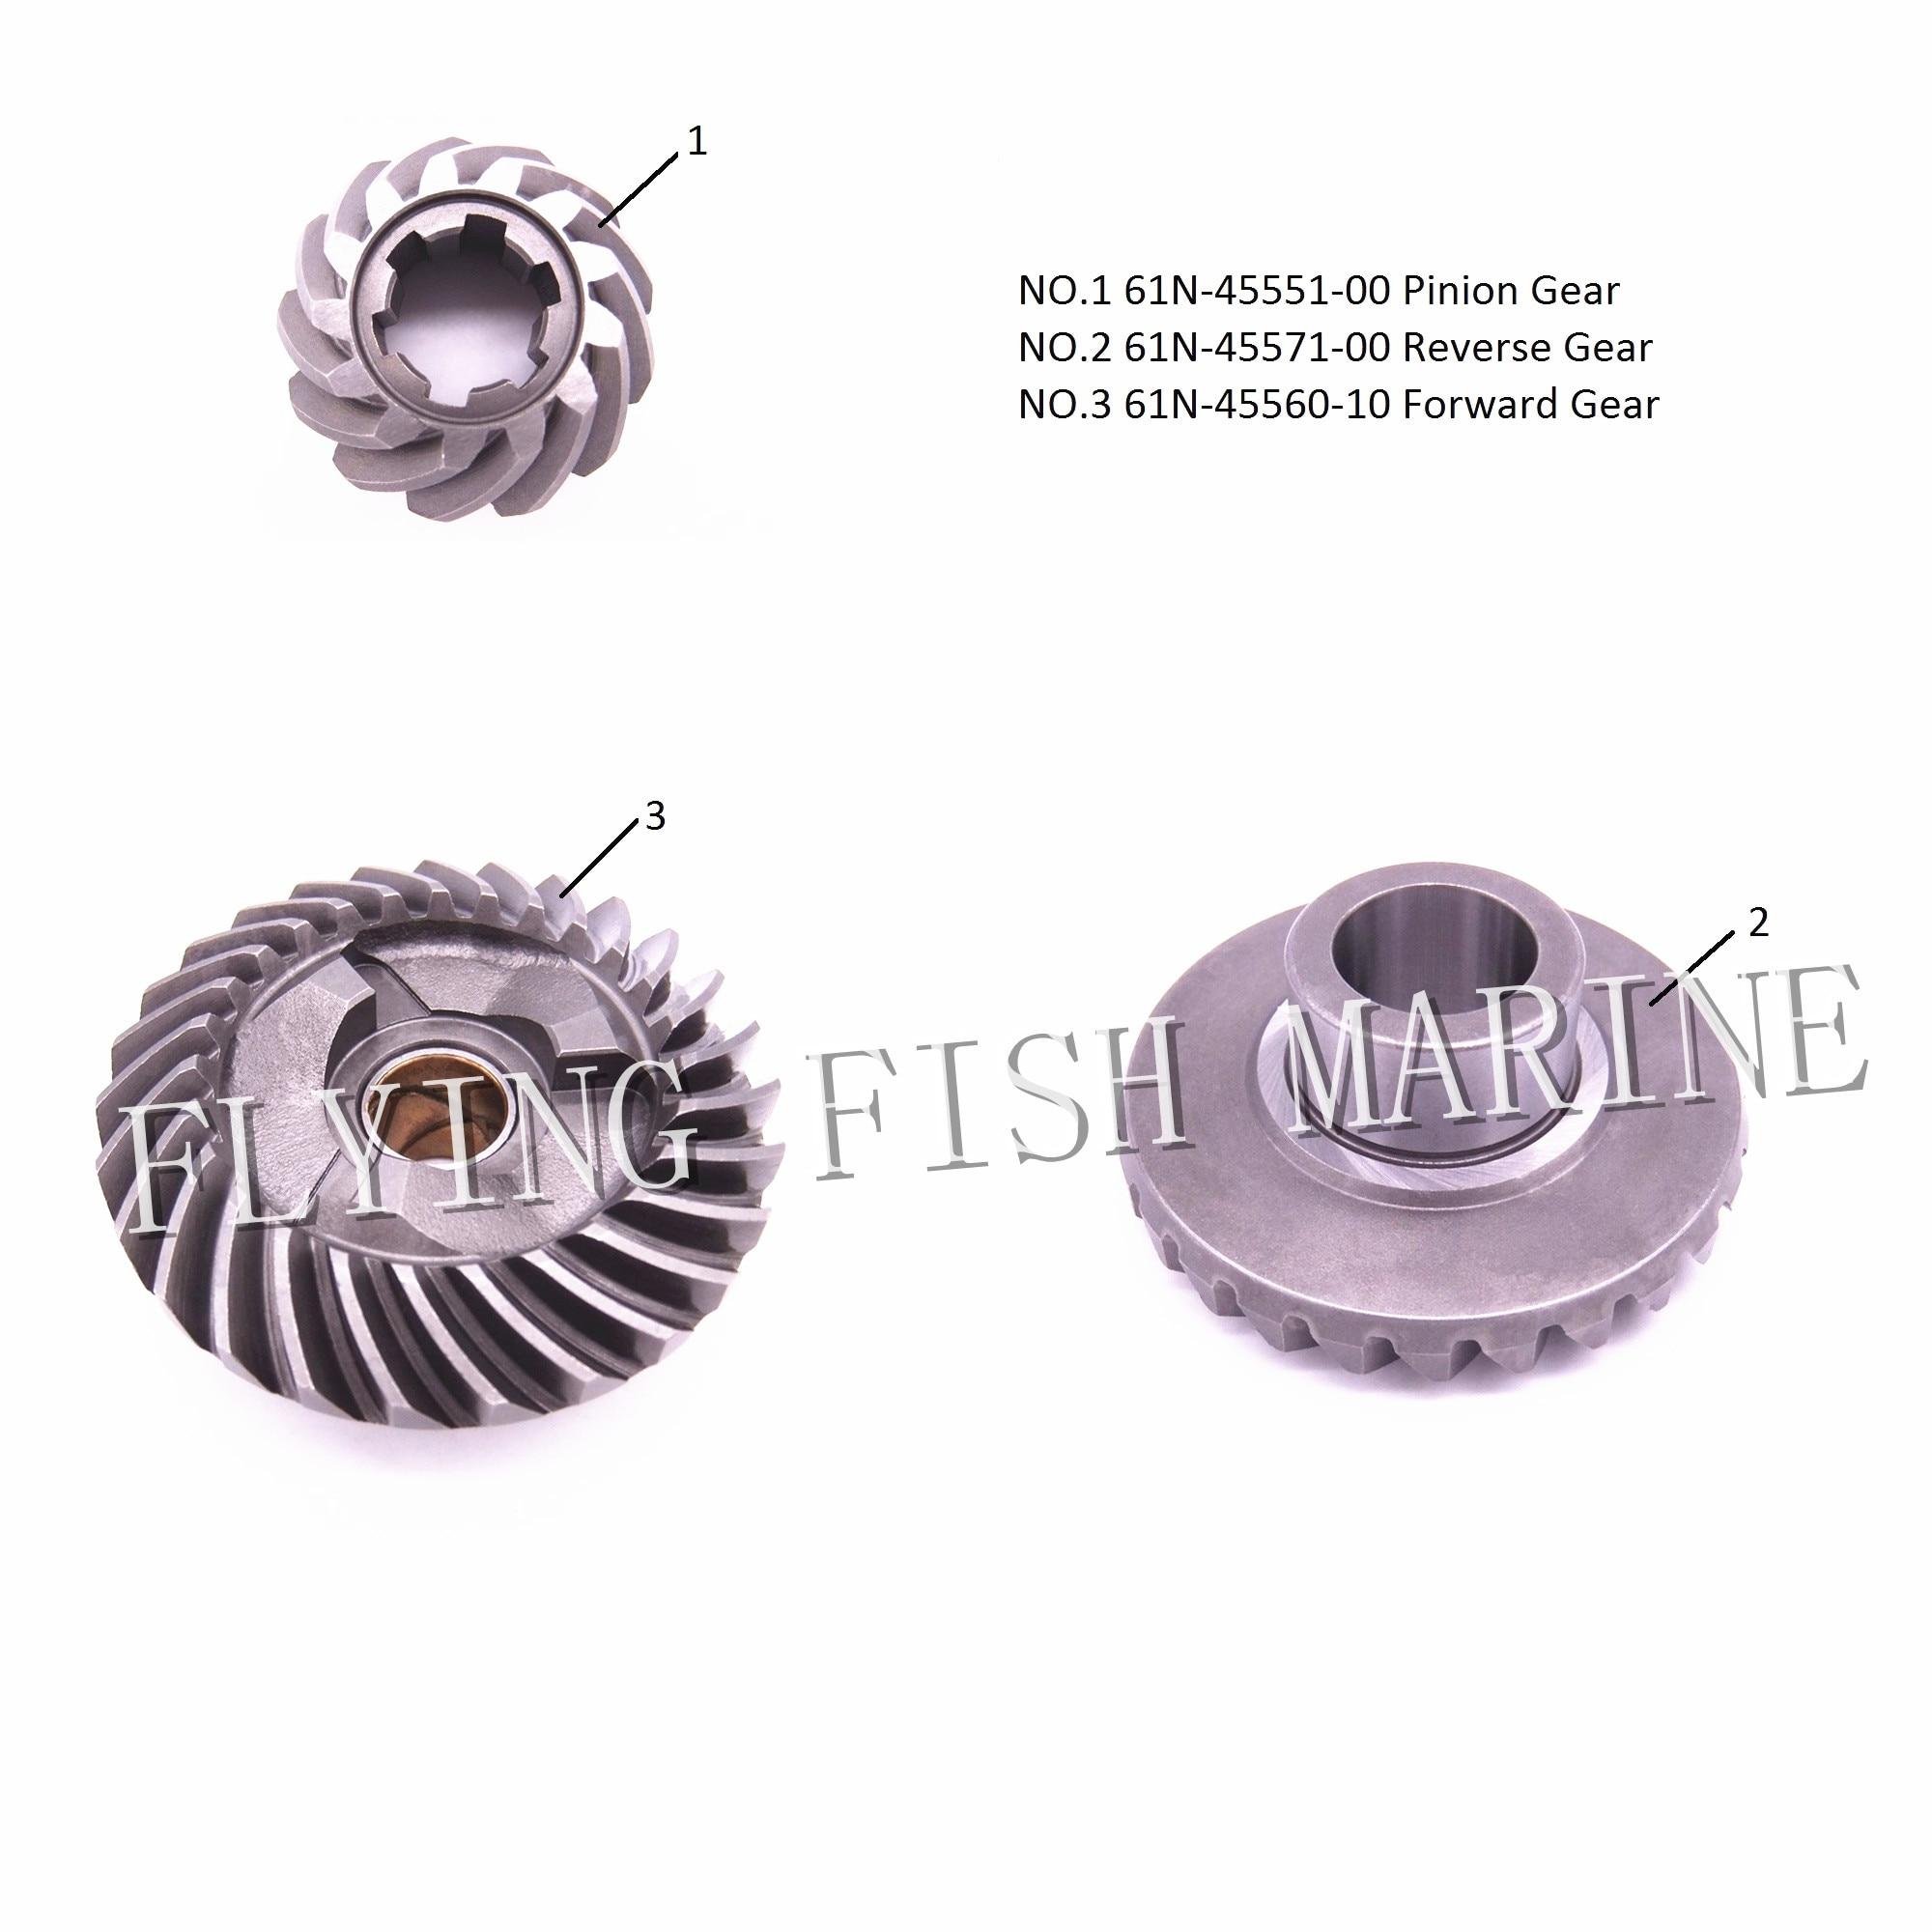 Outboard Engine 61N 45551 00 Pinion 61N 45571 00 Reverse 61N 45560 10 Forward Gear for